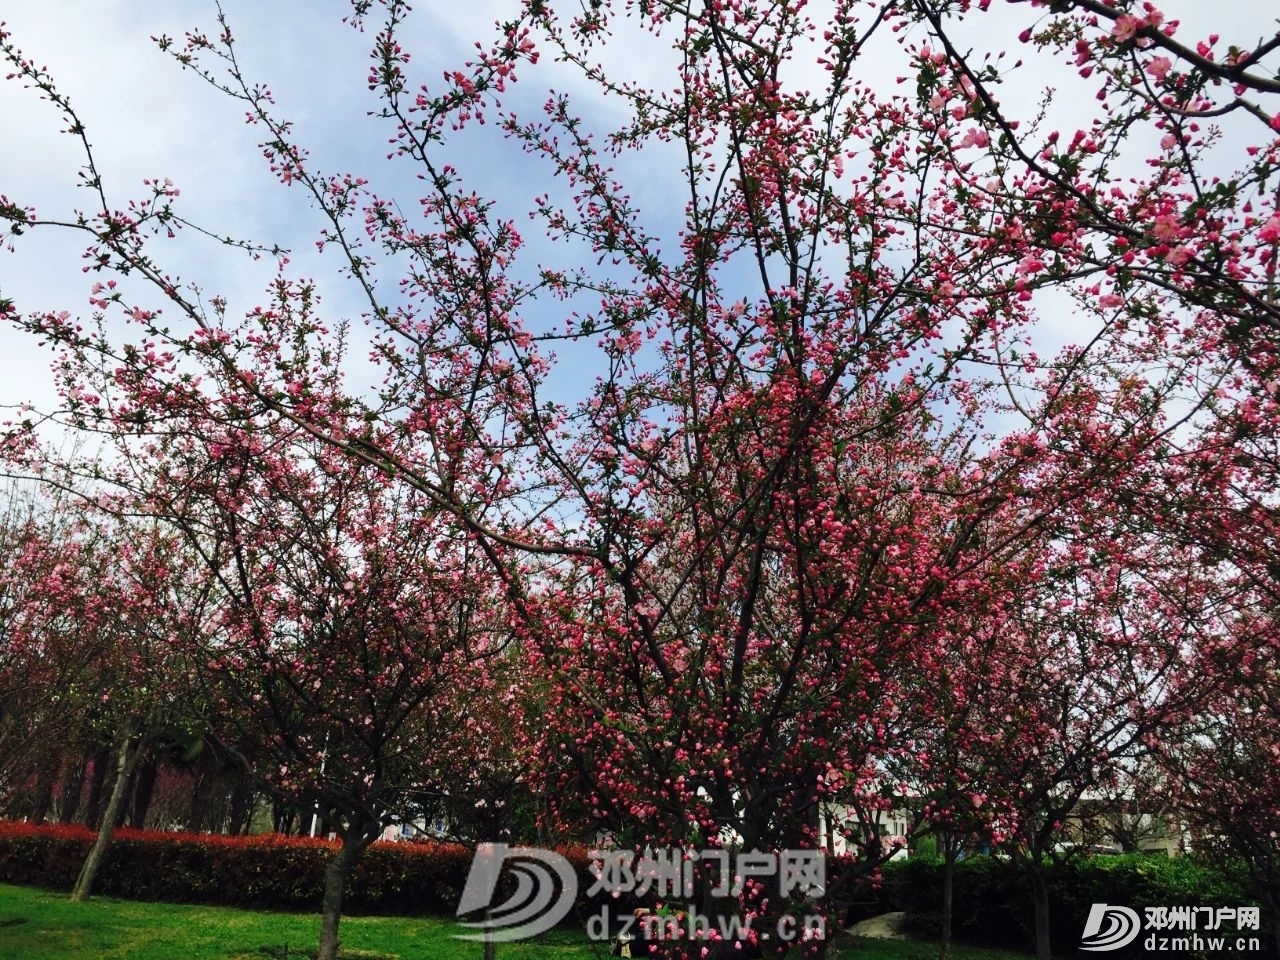 春暖花开,邓州,久等了! - 邓州门户网|邓州网 - 8deebe499cd634d2dea5c8cc24398f16.jpg